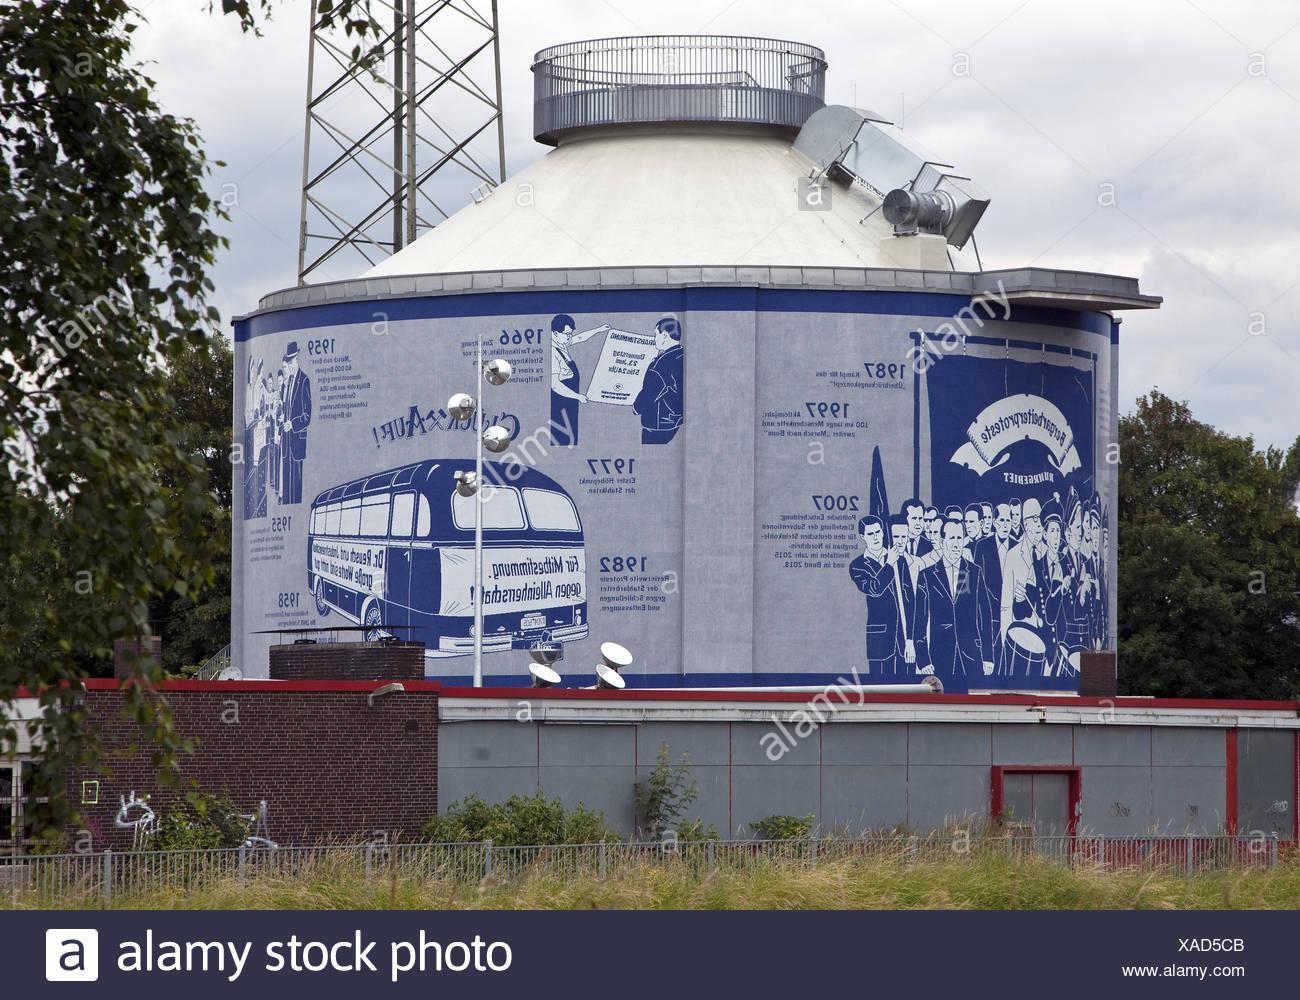 Wand-Mosaik Emscherkunst, Herne, Deutschland Stockbild